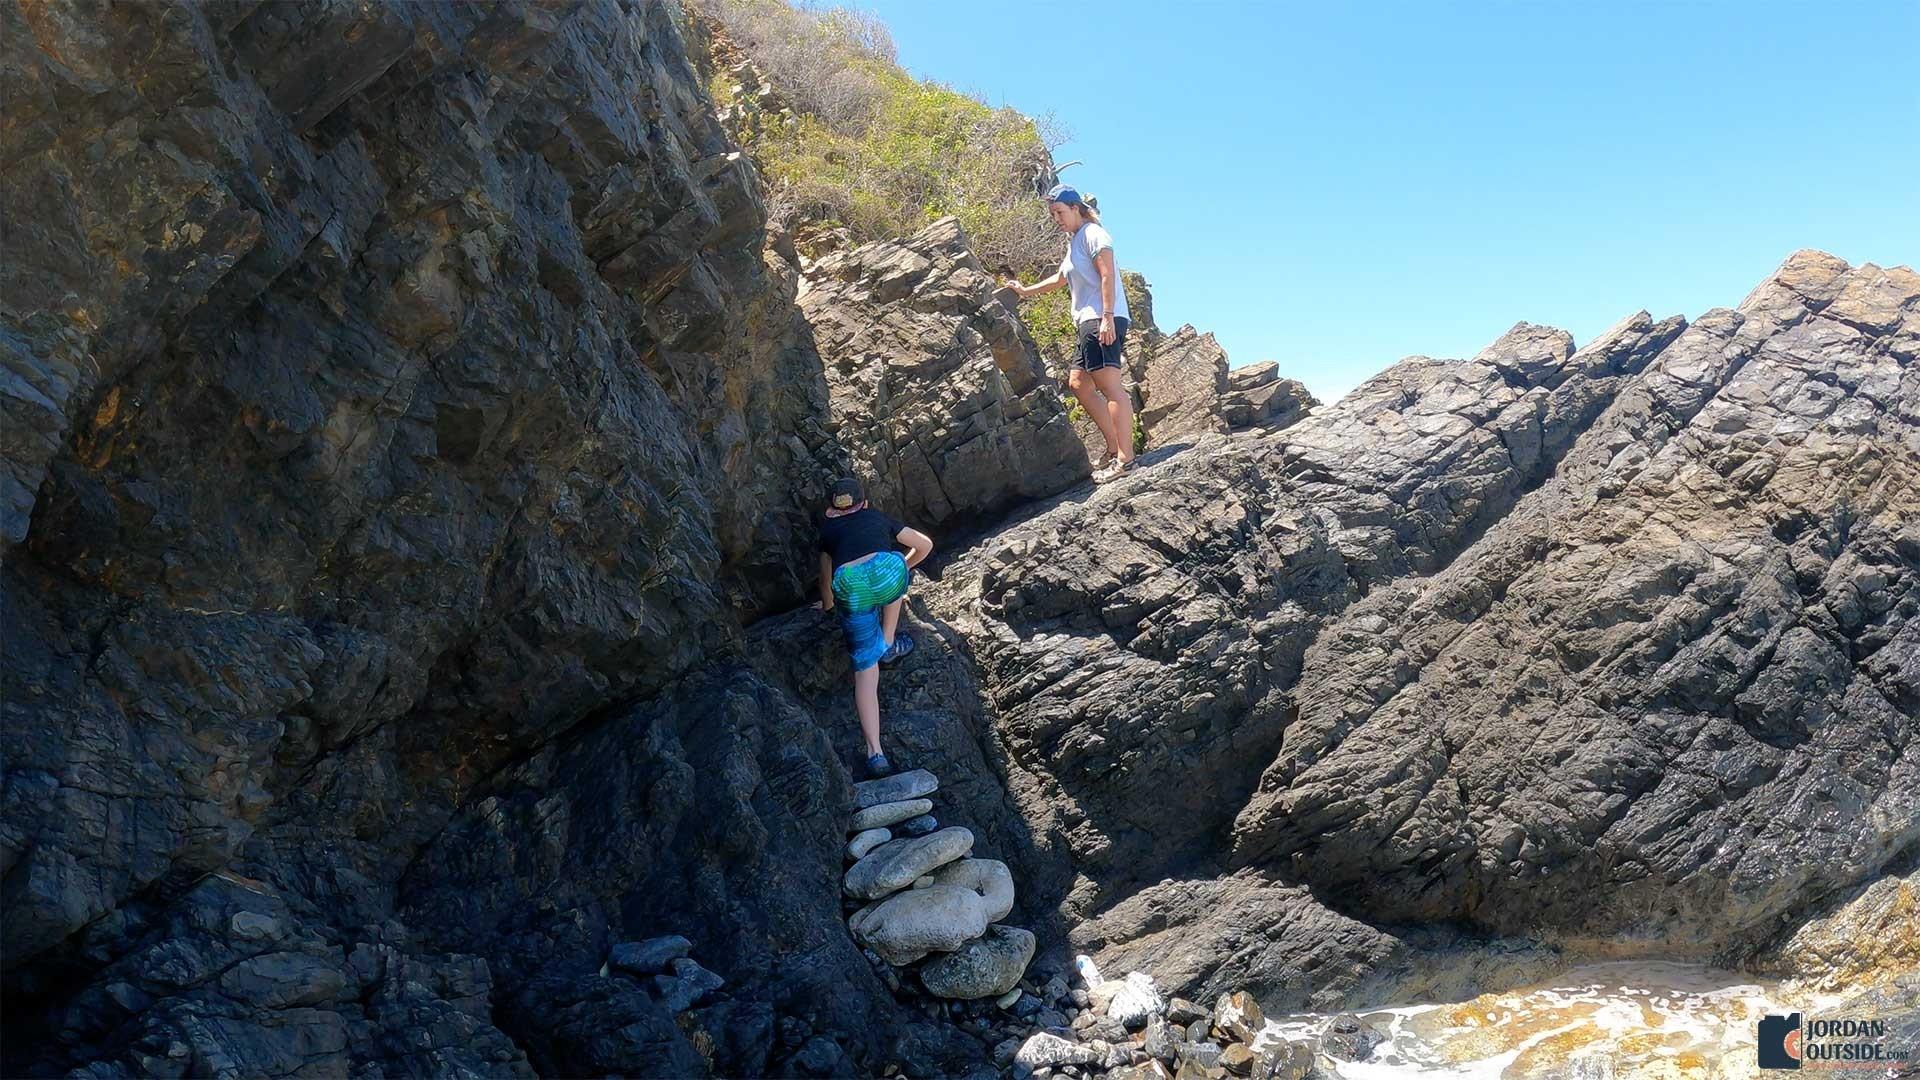 Climbing Rocks at Annaly Bay Tide Pools